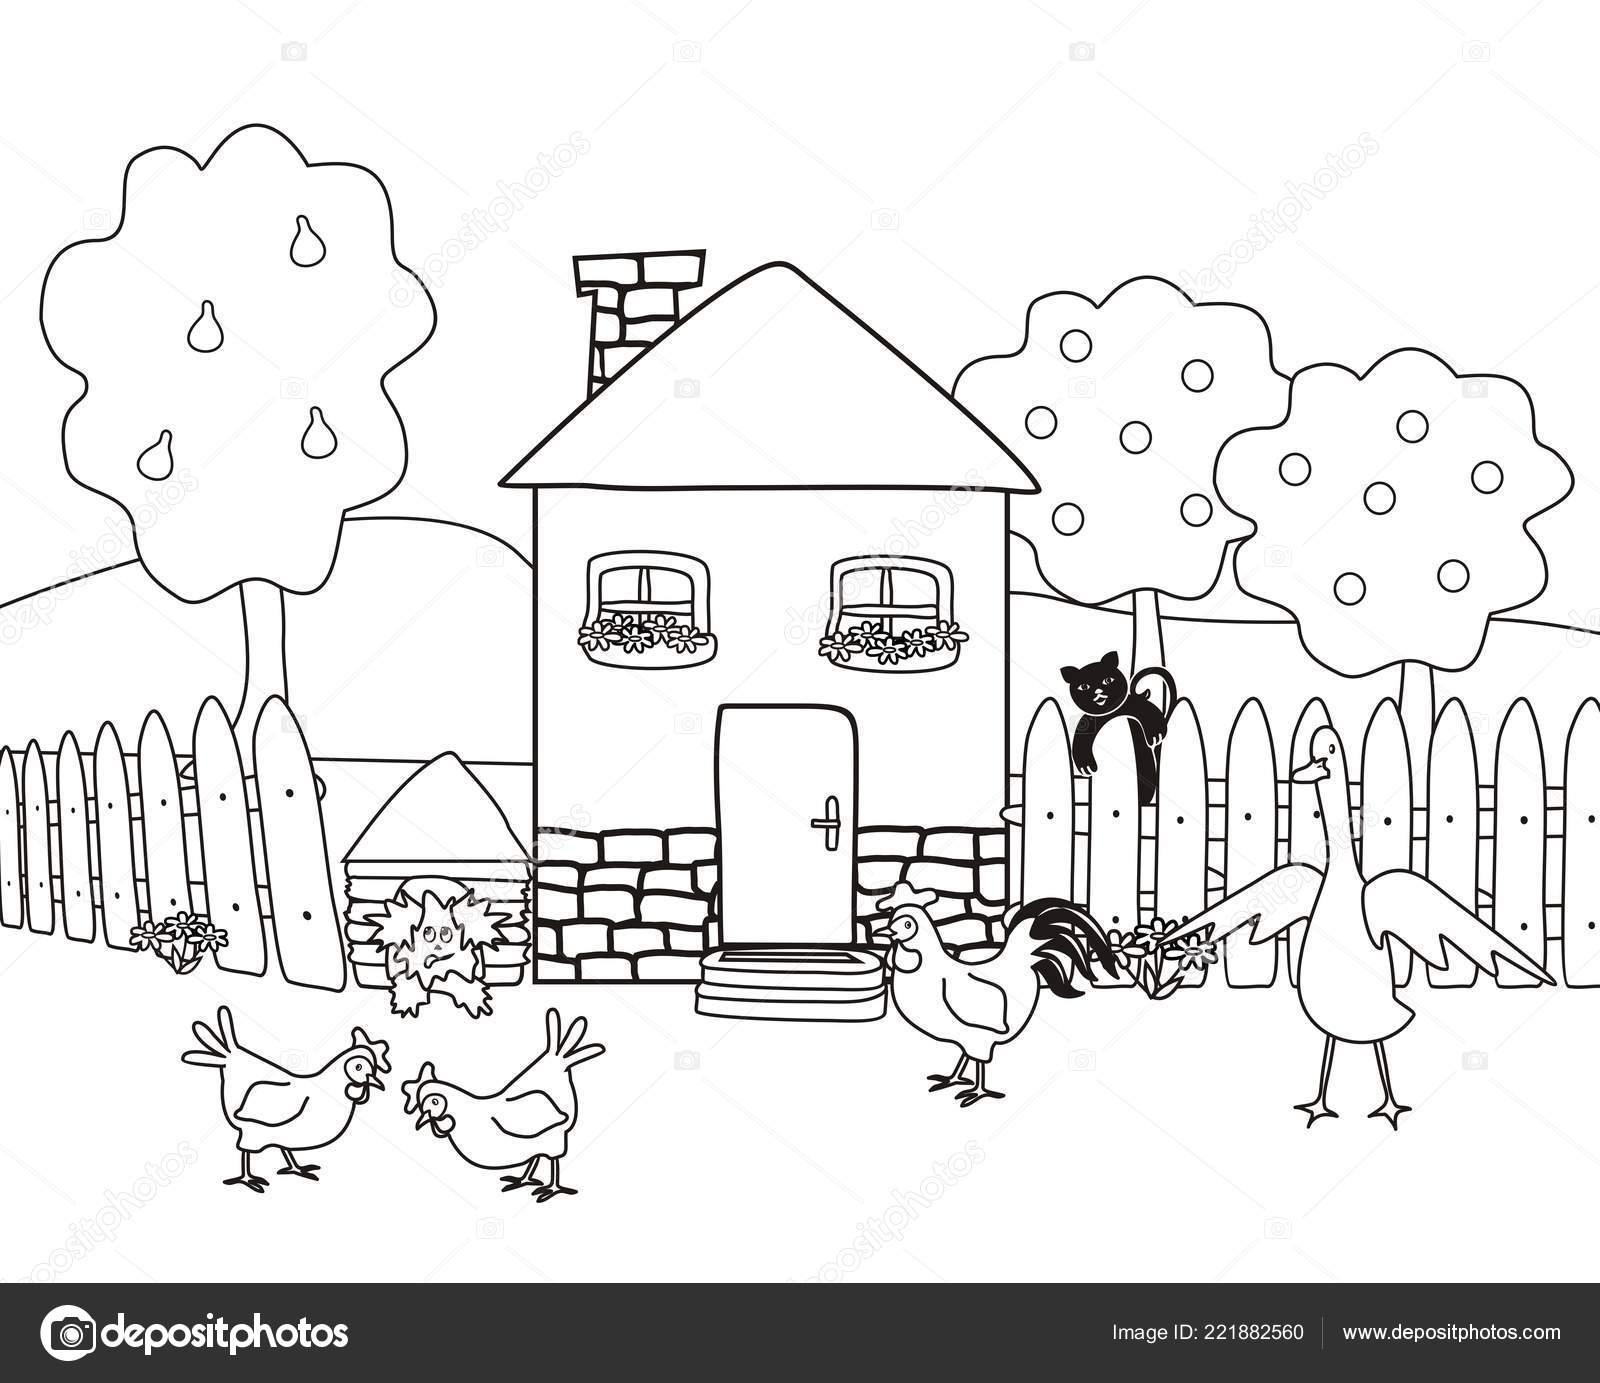 Coloriage Ferme Maison.Maison Jardin Avec Animaux Ferme Coloriages Vector Illustration